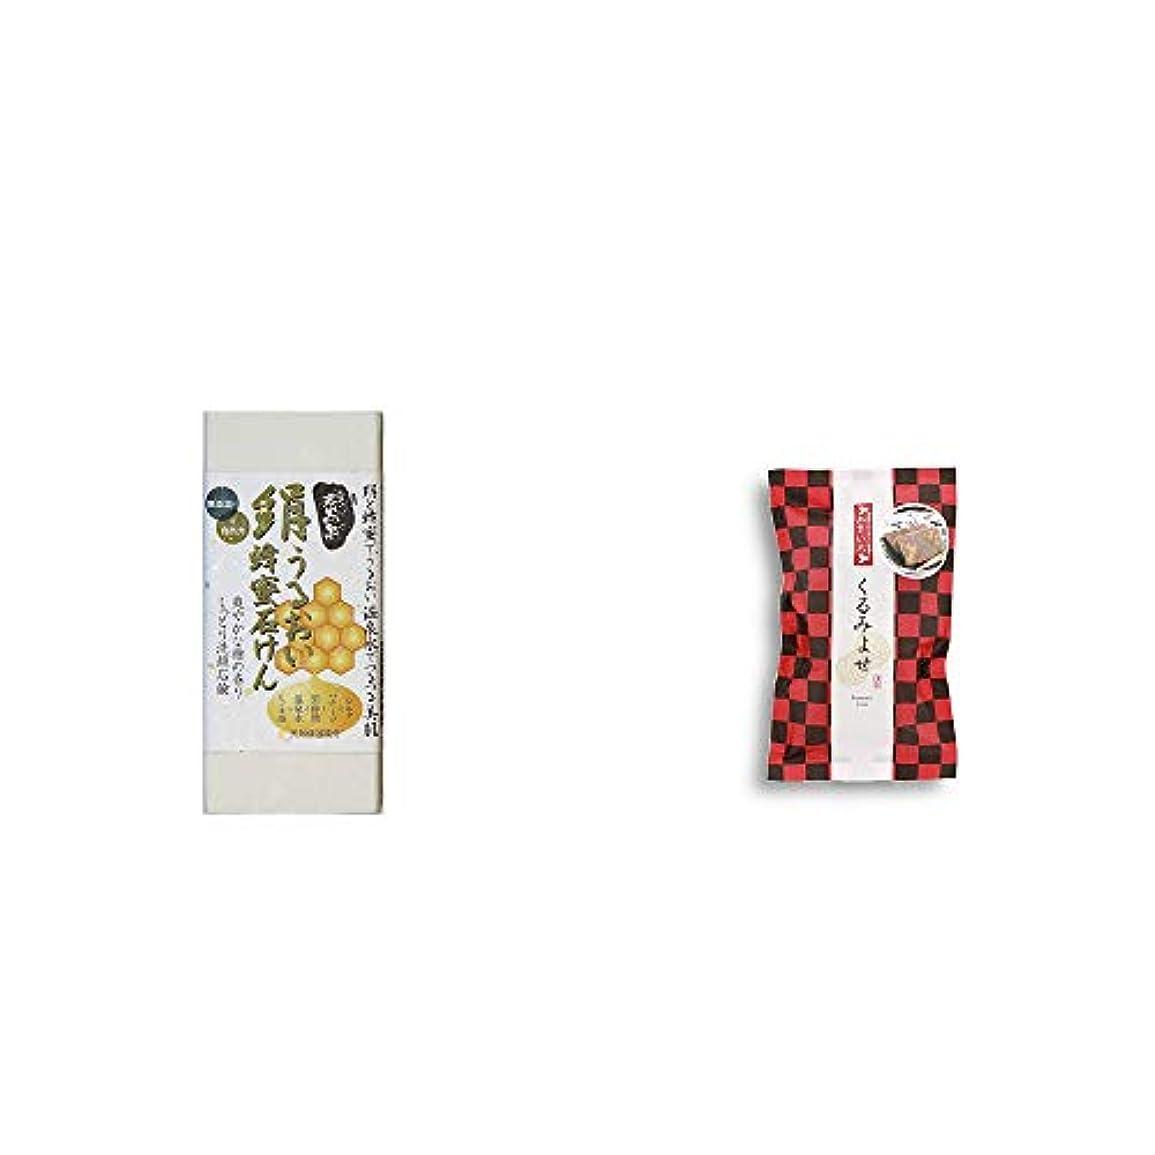 細胞会計義務づける[2点セット] ひのき炭黒泉 絹うるおい蜂蜜石けん(75g×2)?くるみよせ(こし餡)(5個入)